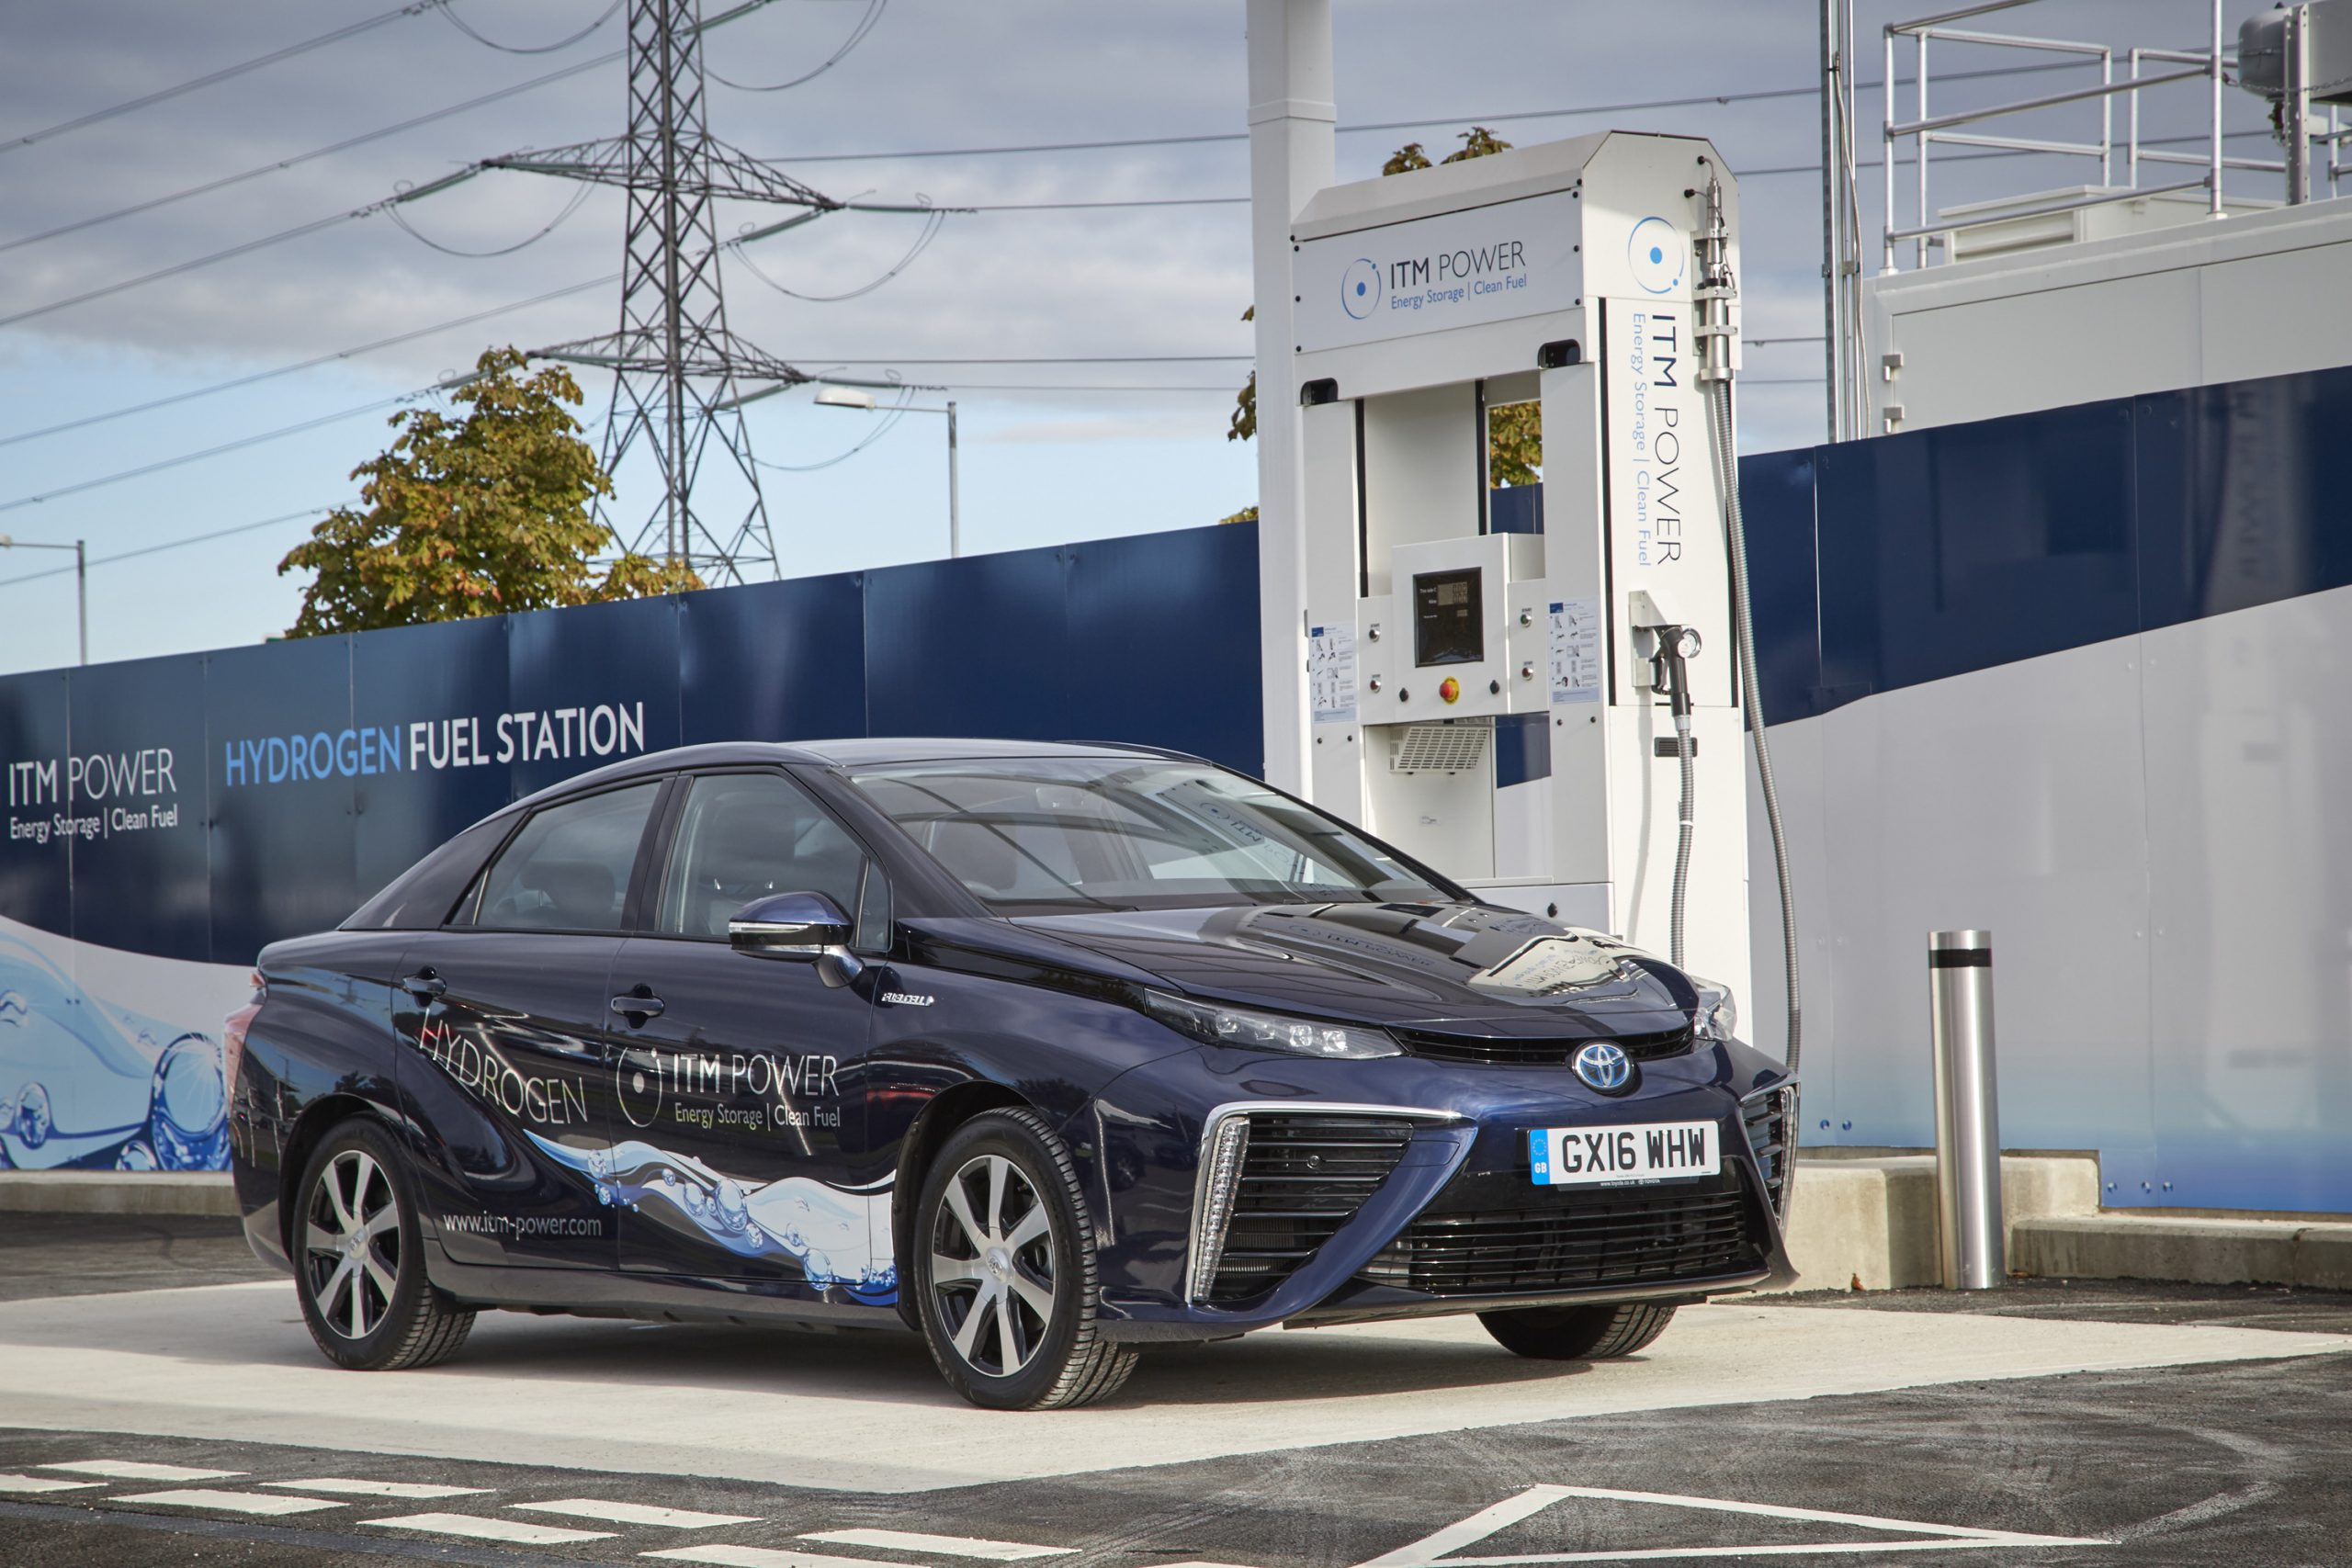 El coche de hidrógeno parece tener cada vez más futuro: La UE exigirá una hidrogenera cada 150 kilómetros